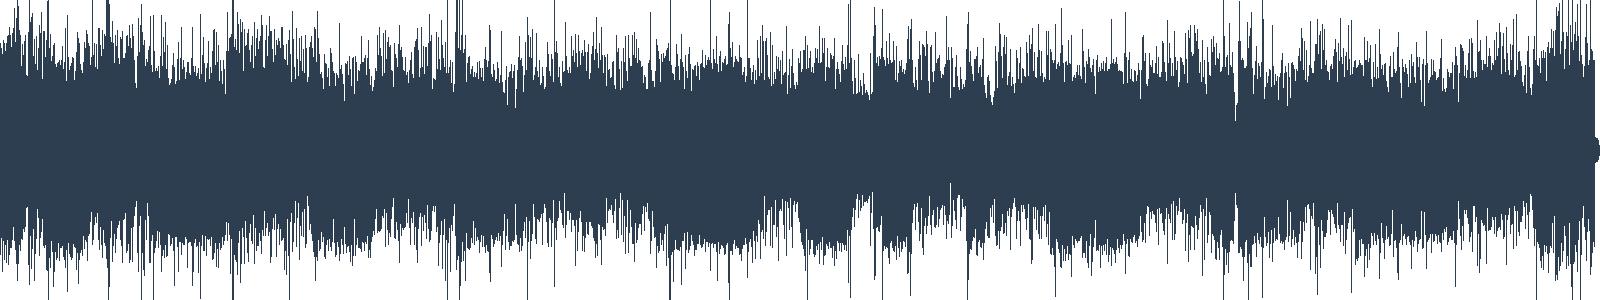 #208 To najlepšie z 2019 – CykloPodcast Awards waveform